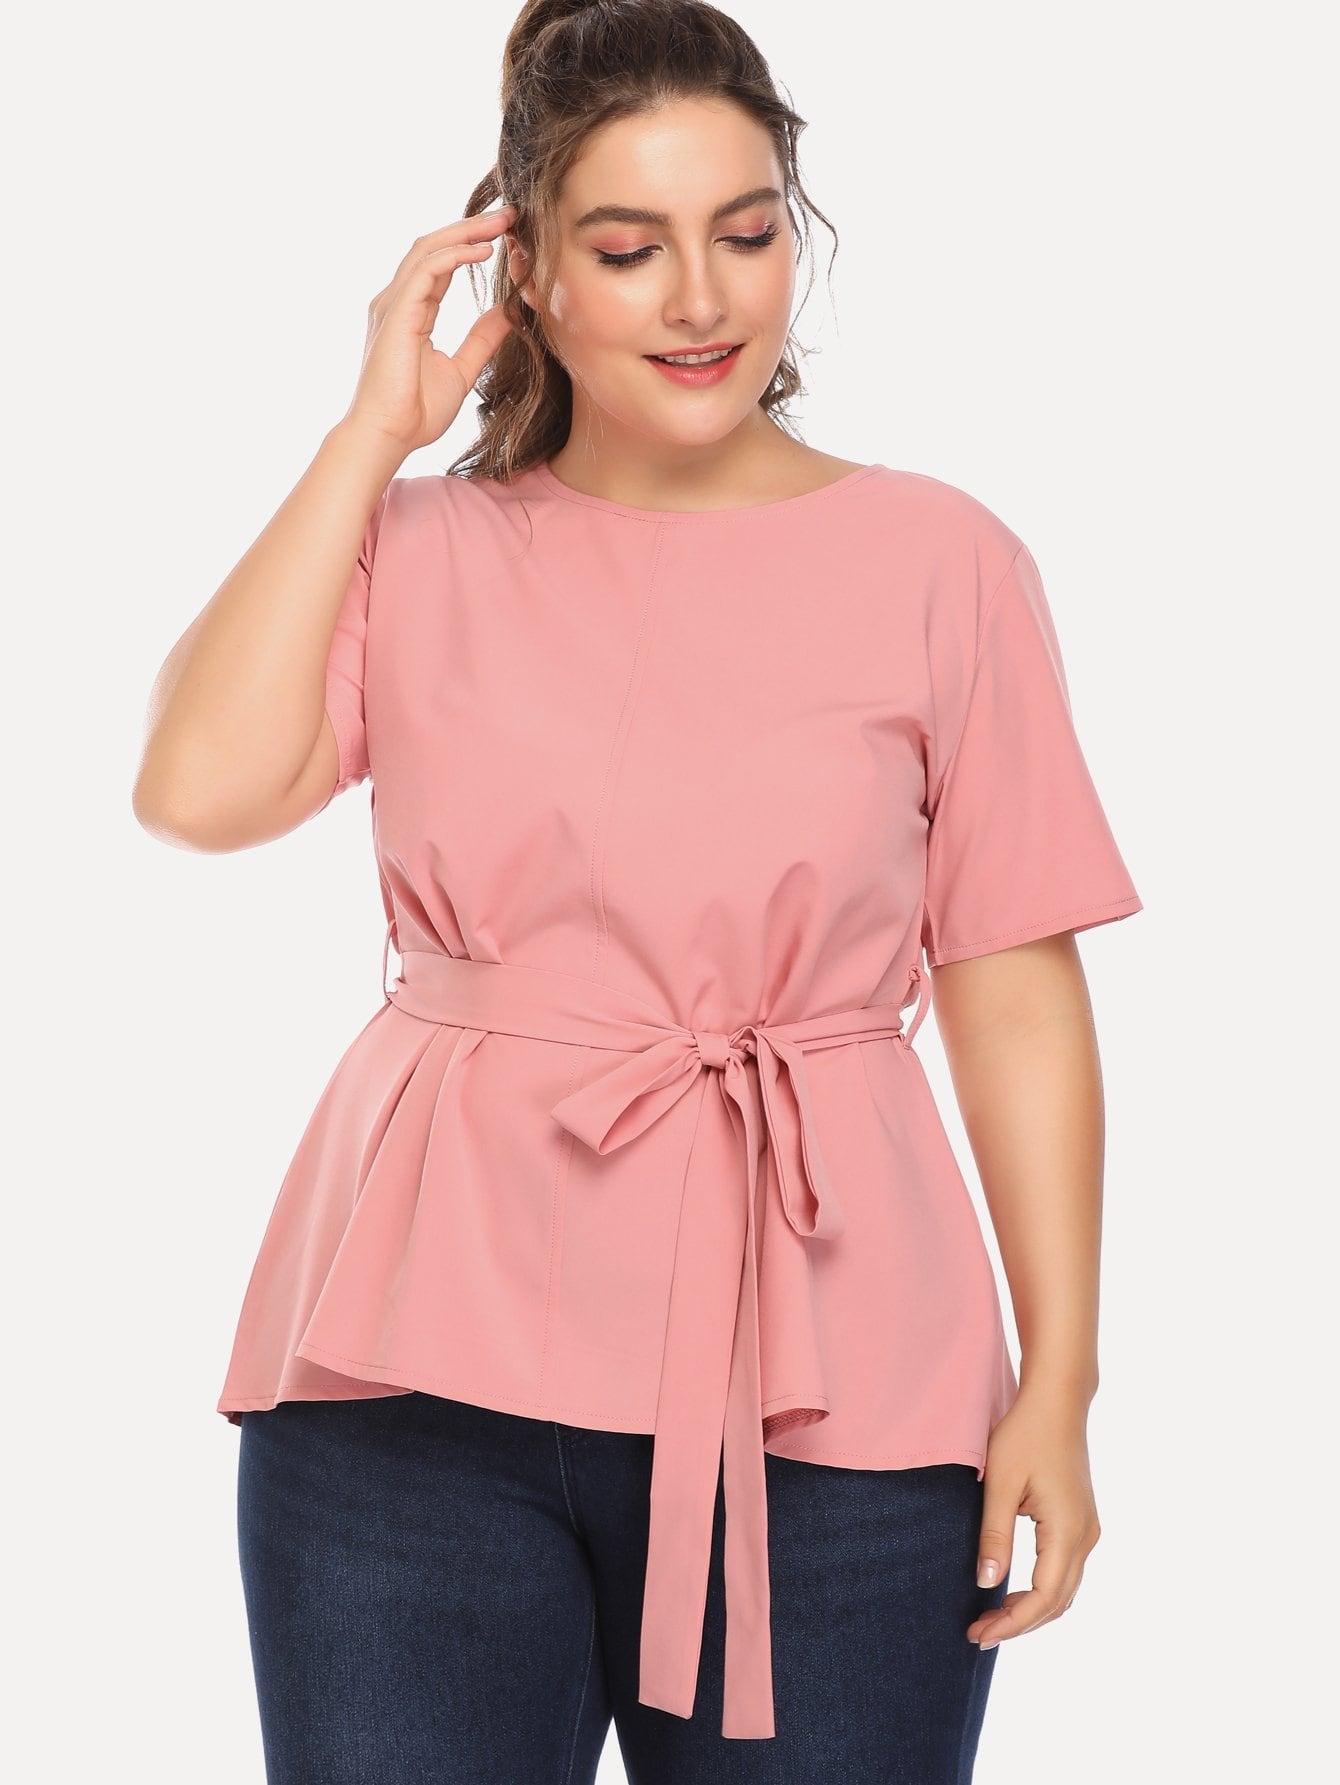 Купить Ситцевая рубашка с поясом, Franziska, SheIn